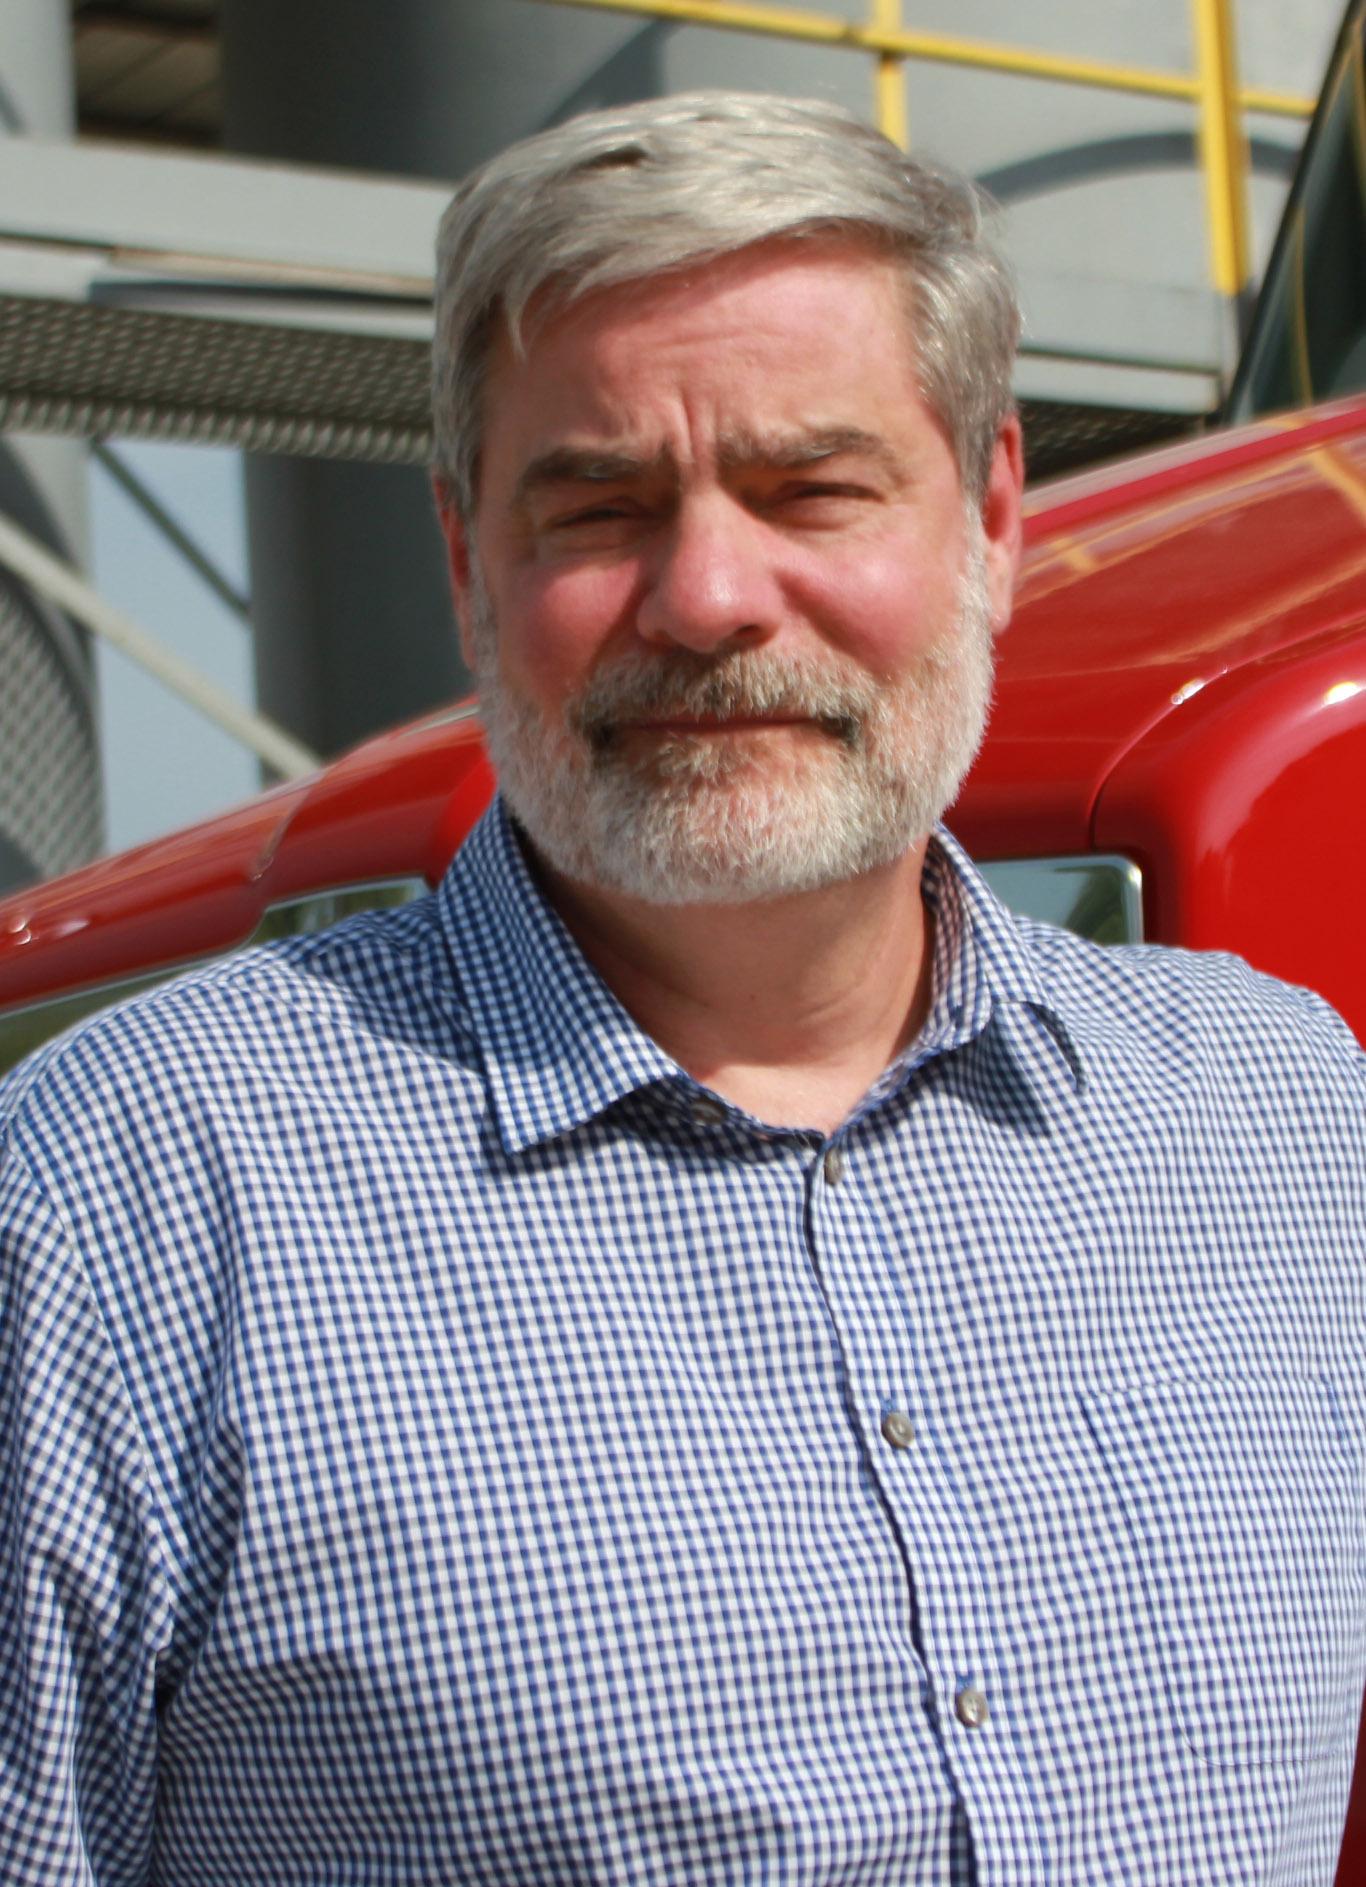 Craig Yeack